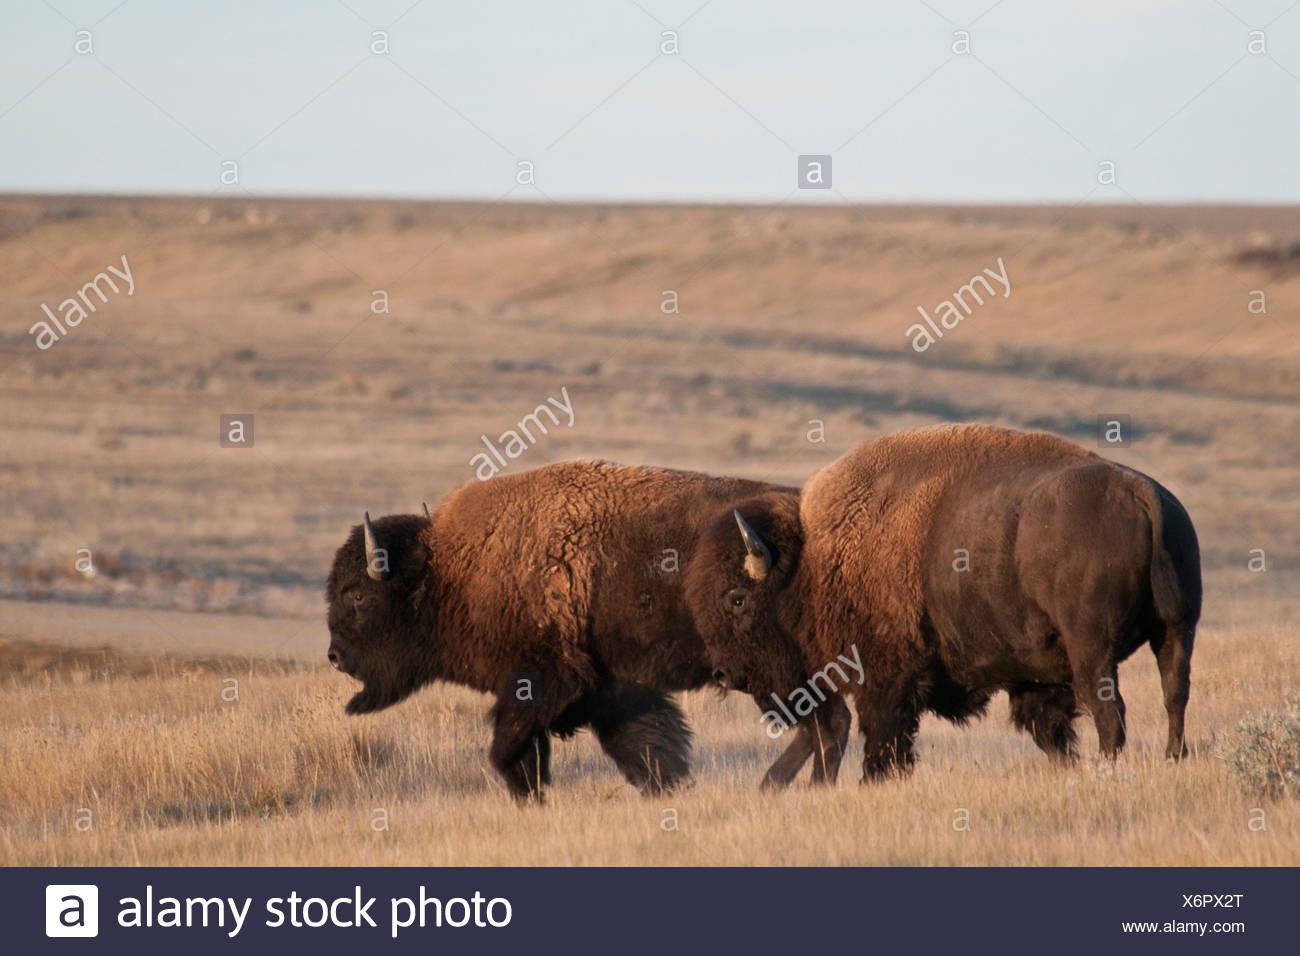 Plains bison (Bison bison bison) grazing in a field, Grasslands National Park, Saskatchewan, Canada Stock Photo